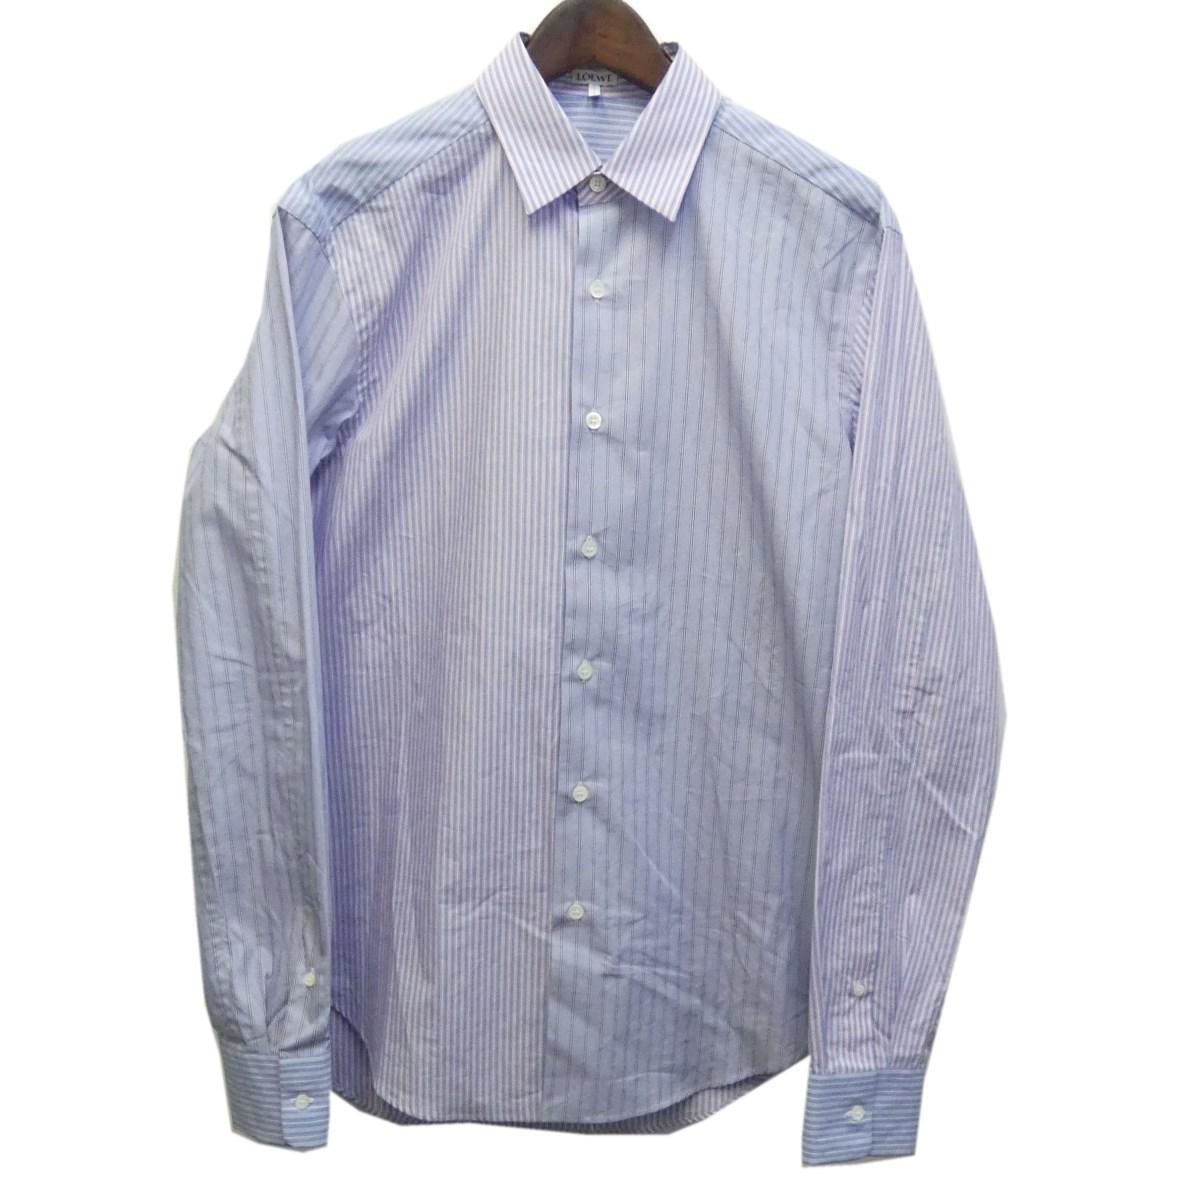 【中古】LOEWE マルチストライプシャツ ブルー サイズ:39 【120320】(ロエベ)